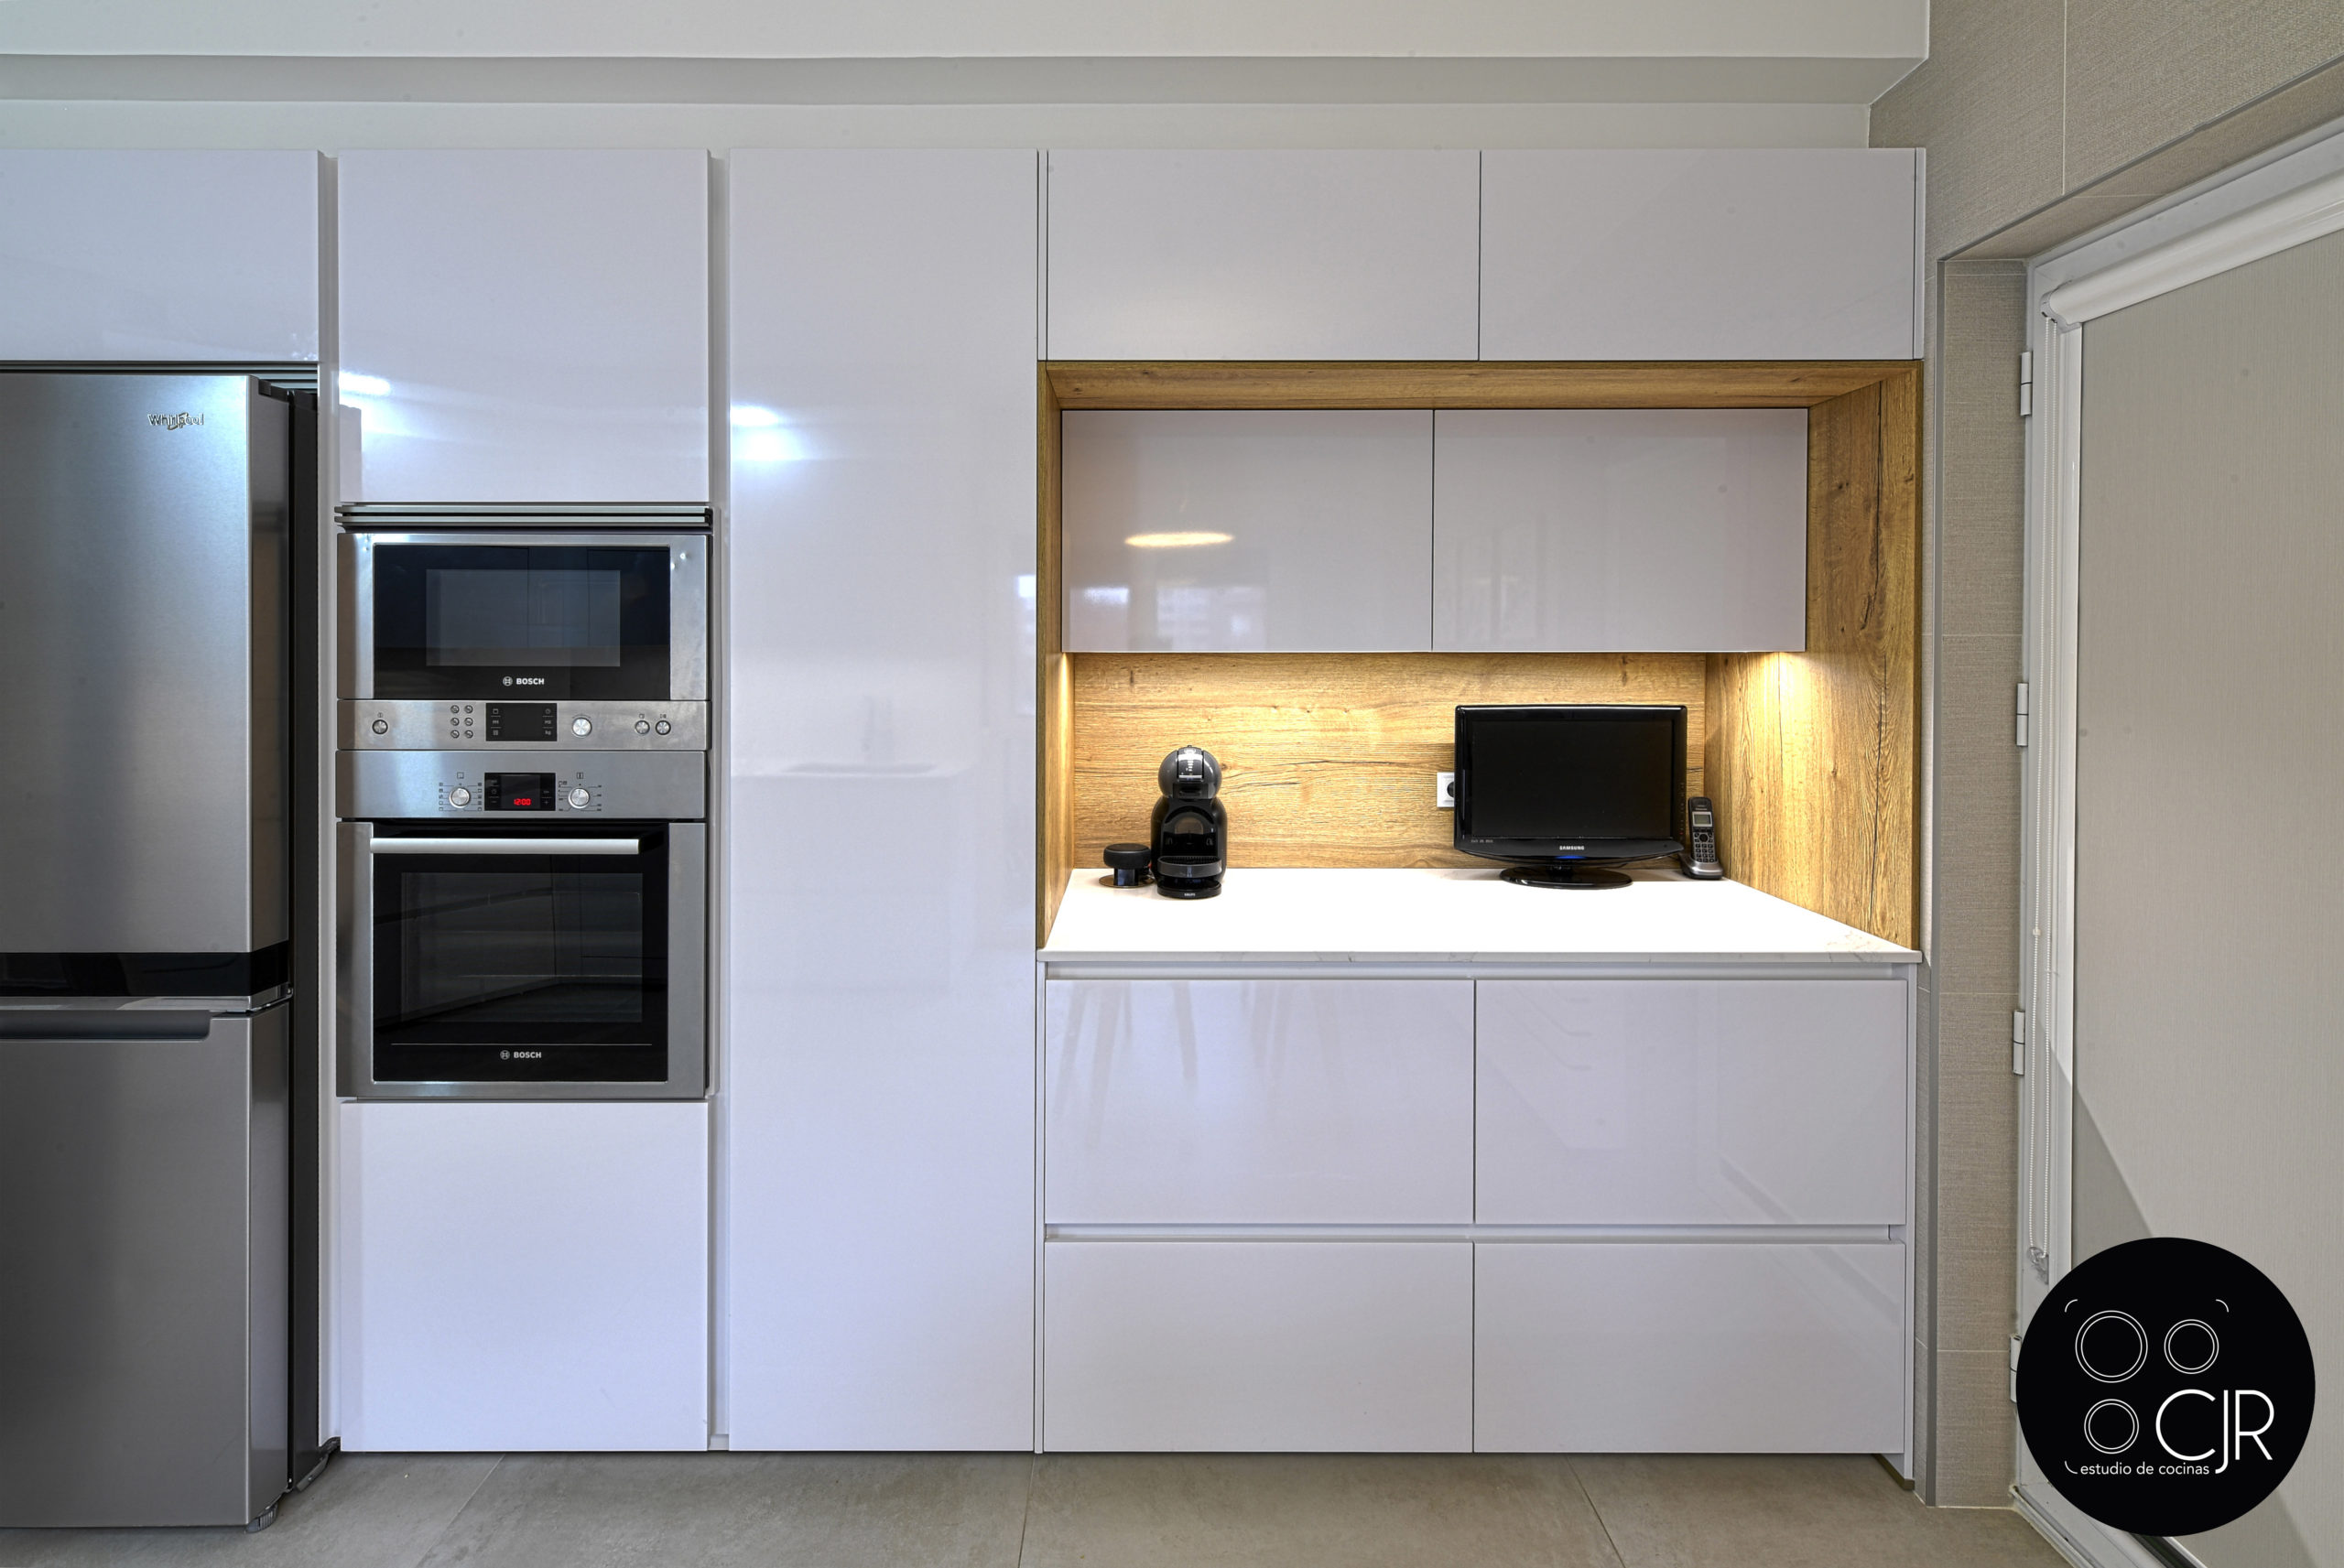 Vista frontal de cocina en blanco y madera con electrodomésticos